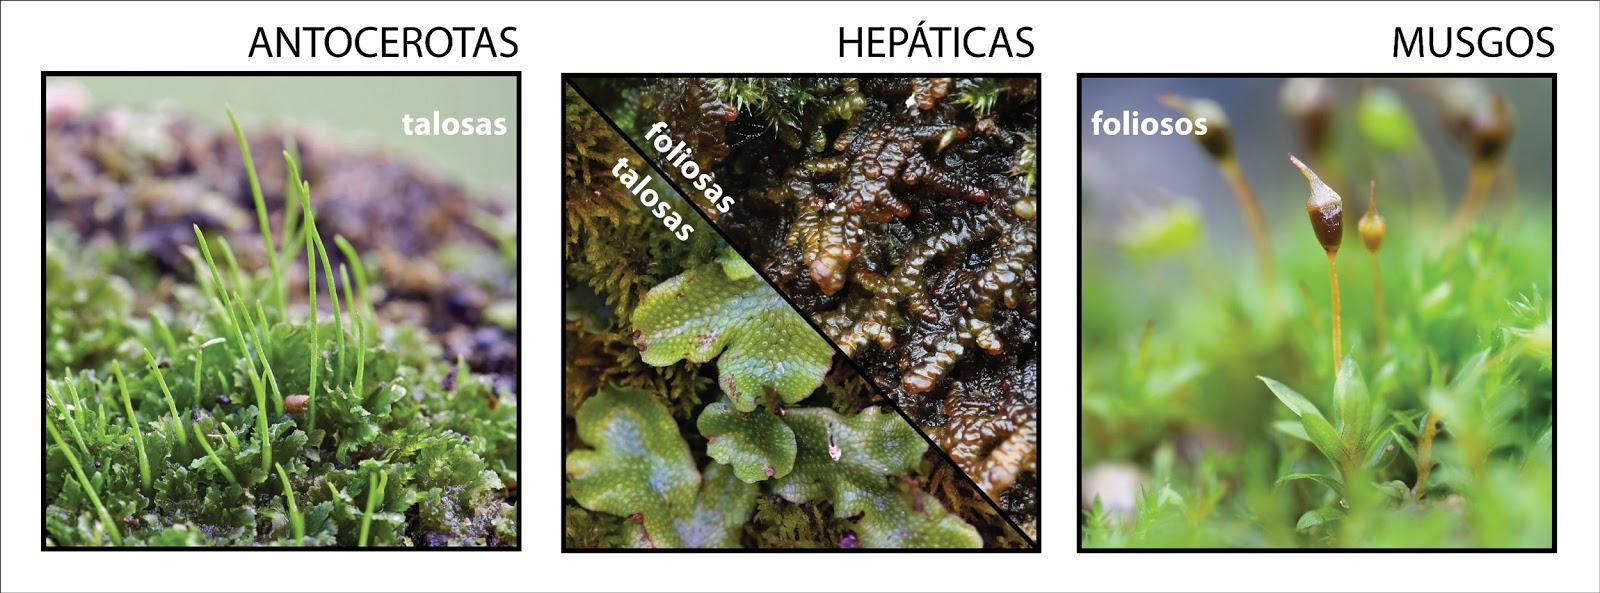 hepaticas talosasy antoceros, y entre hepaticas foliosas y musgos